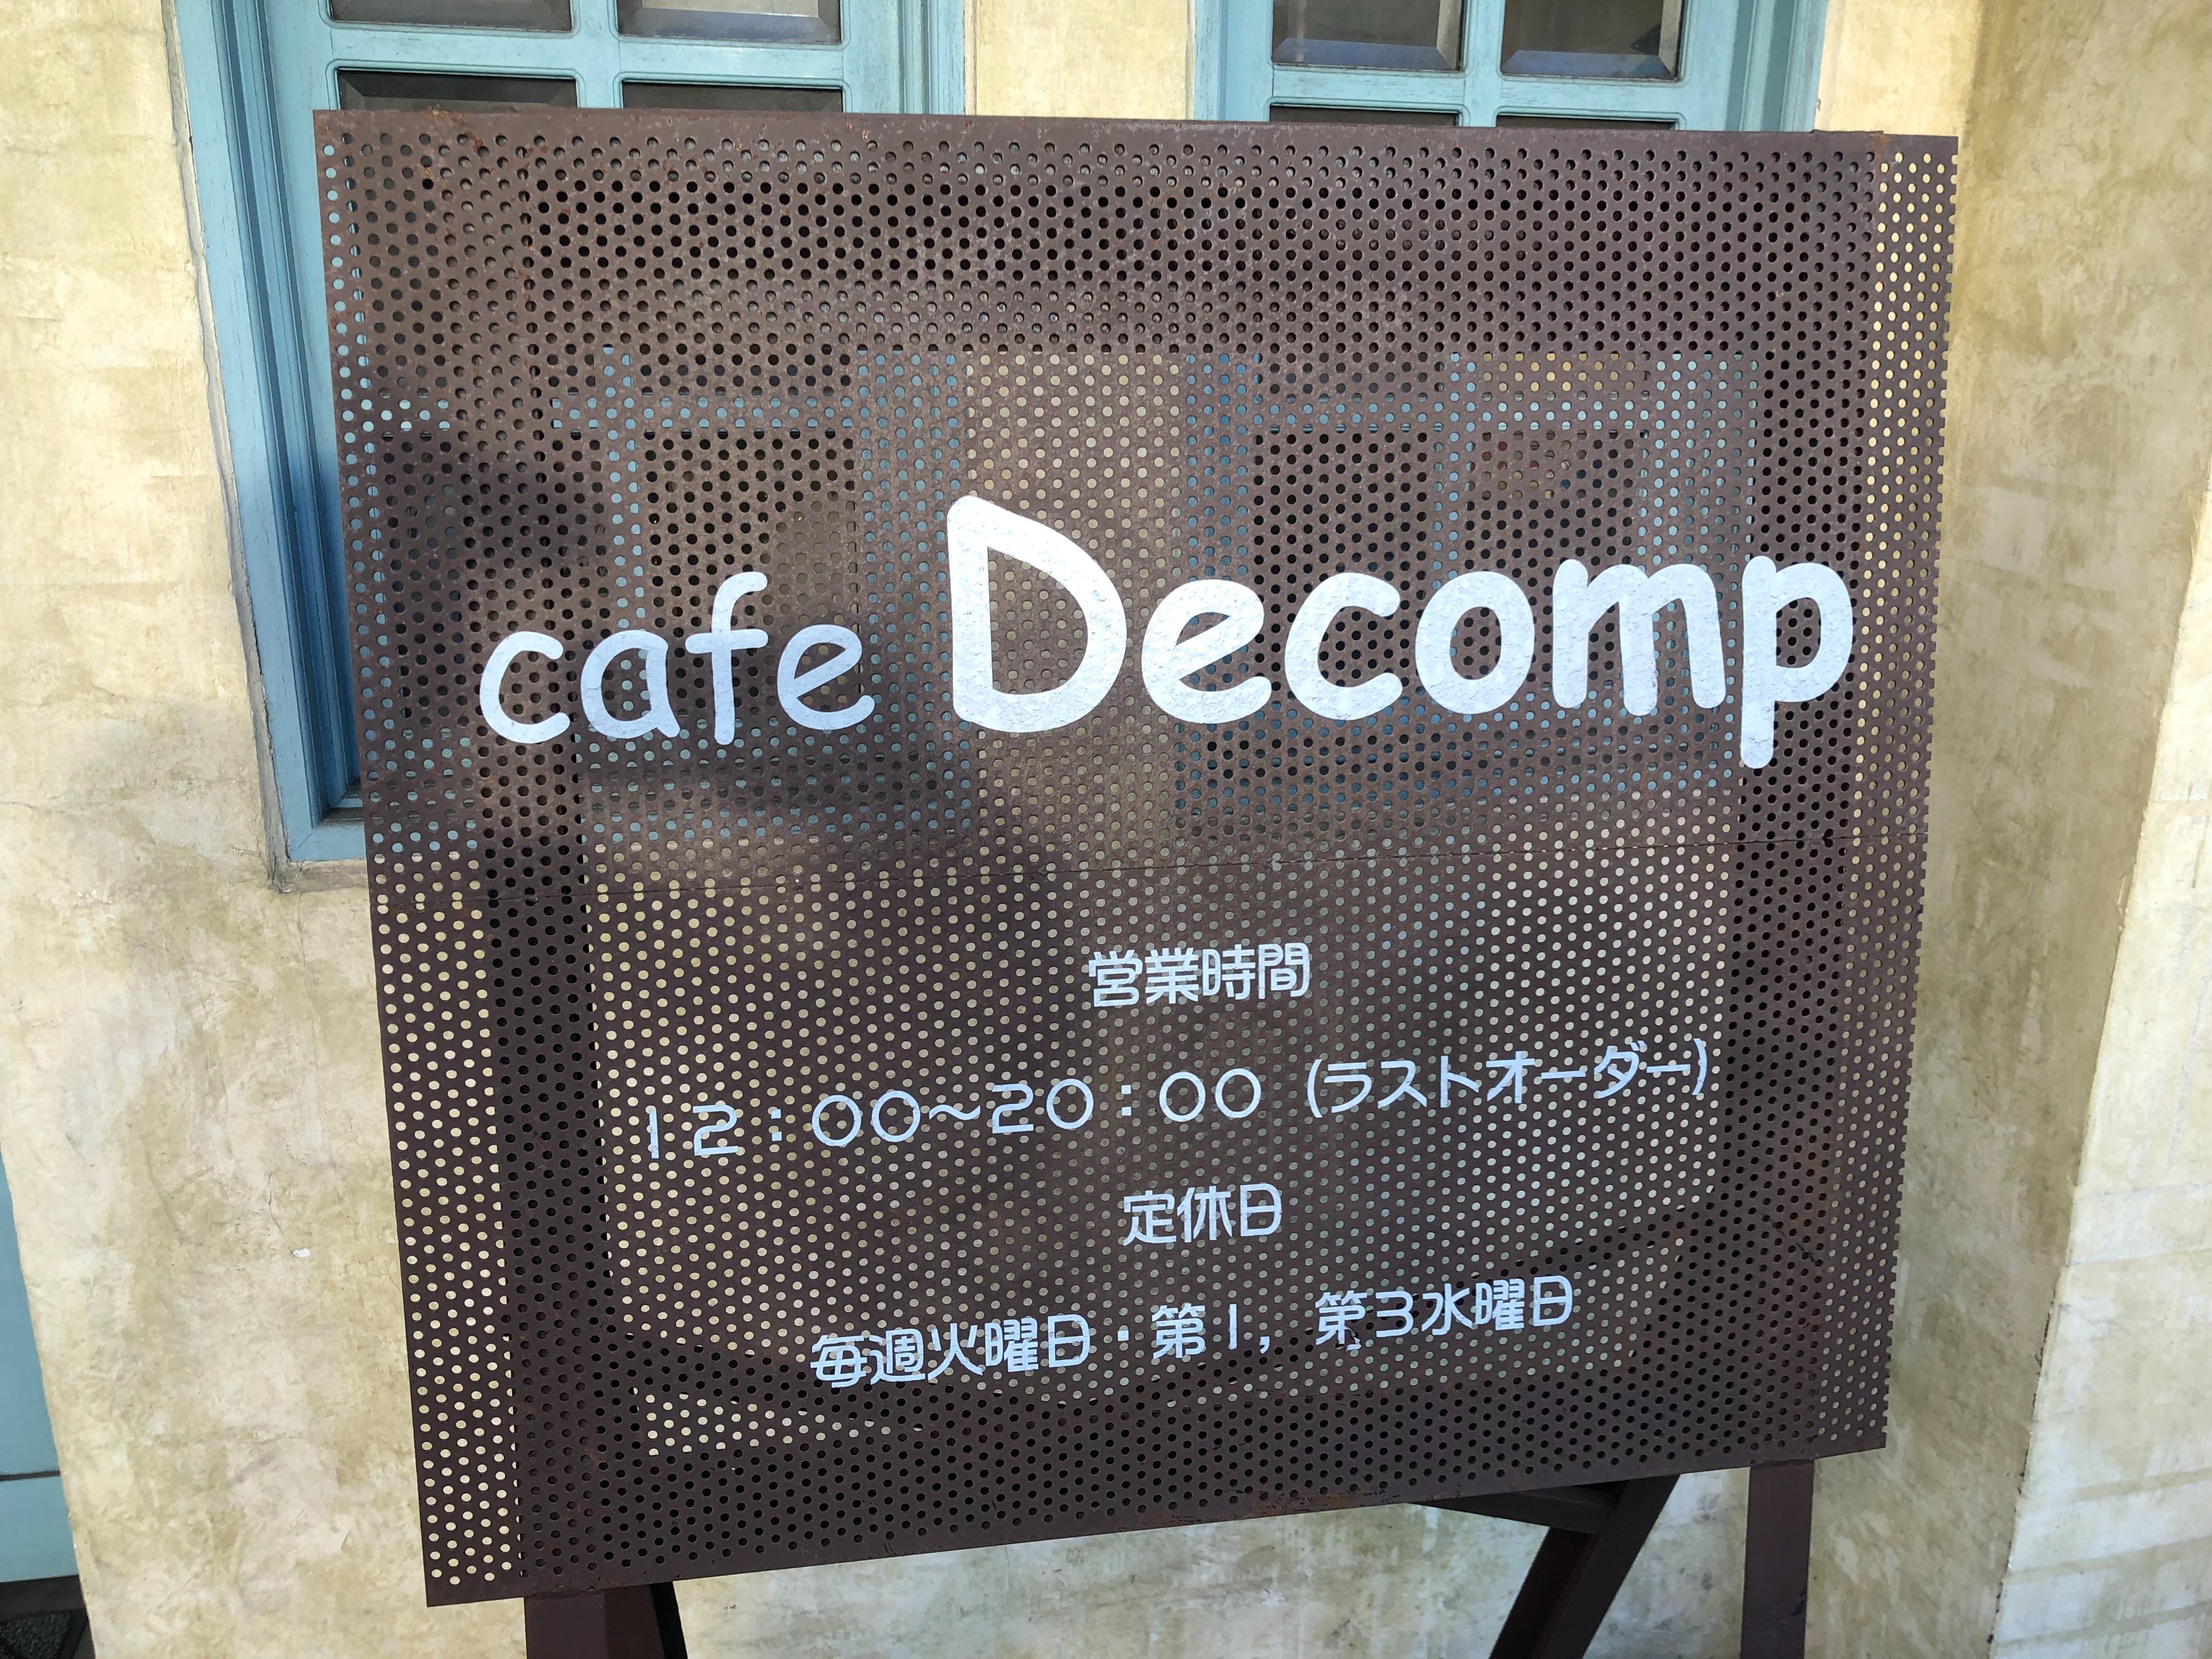 f:id:yukiaveiro:20190829222700j:image